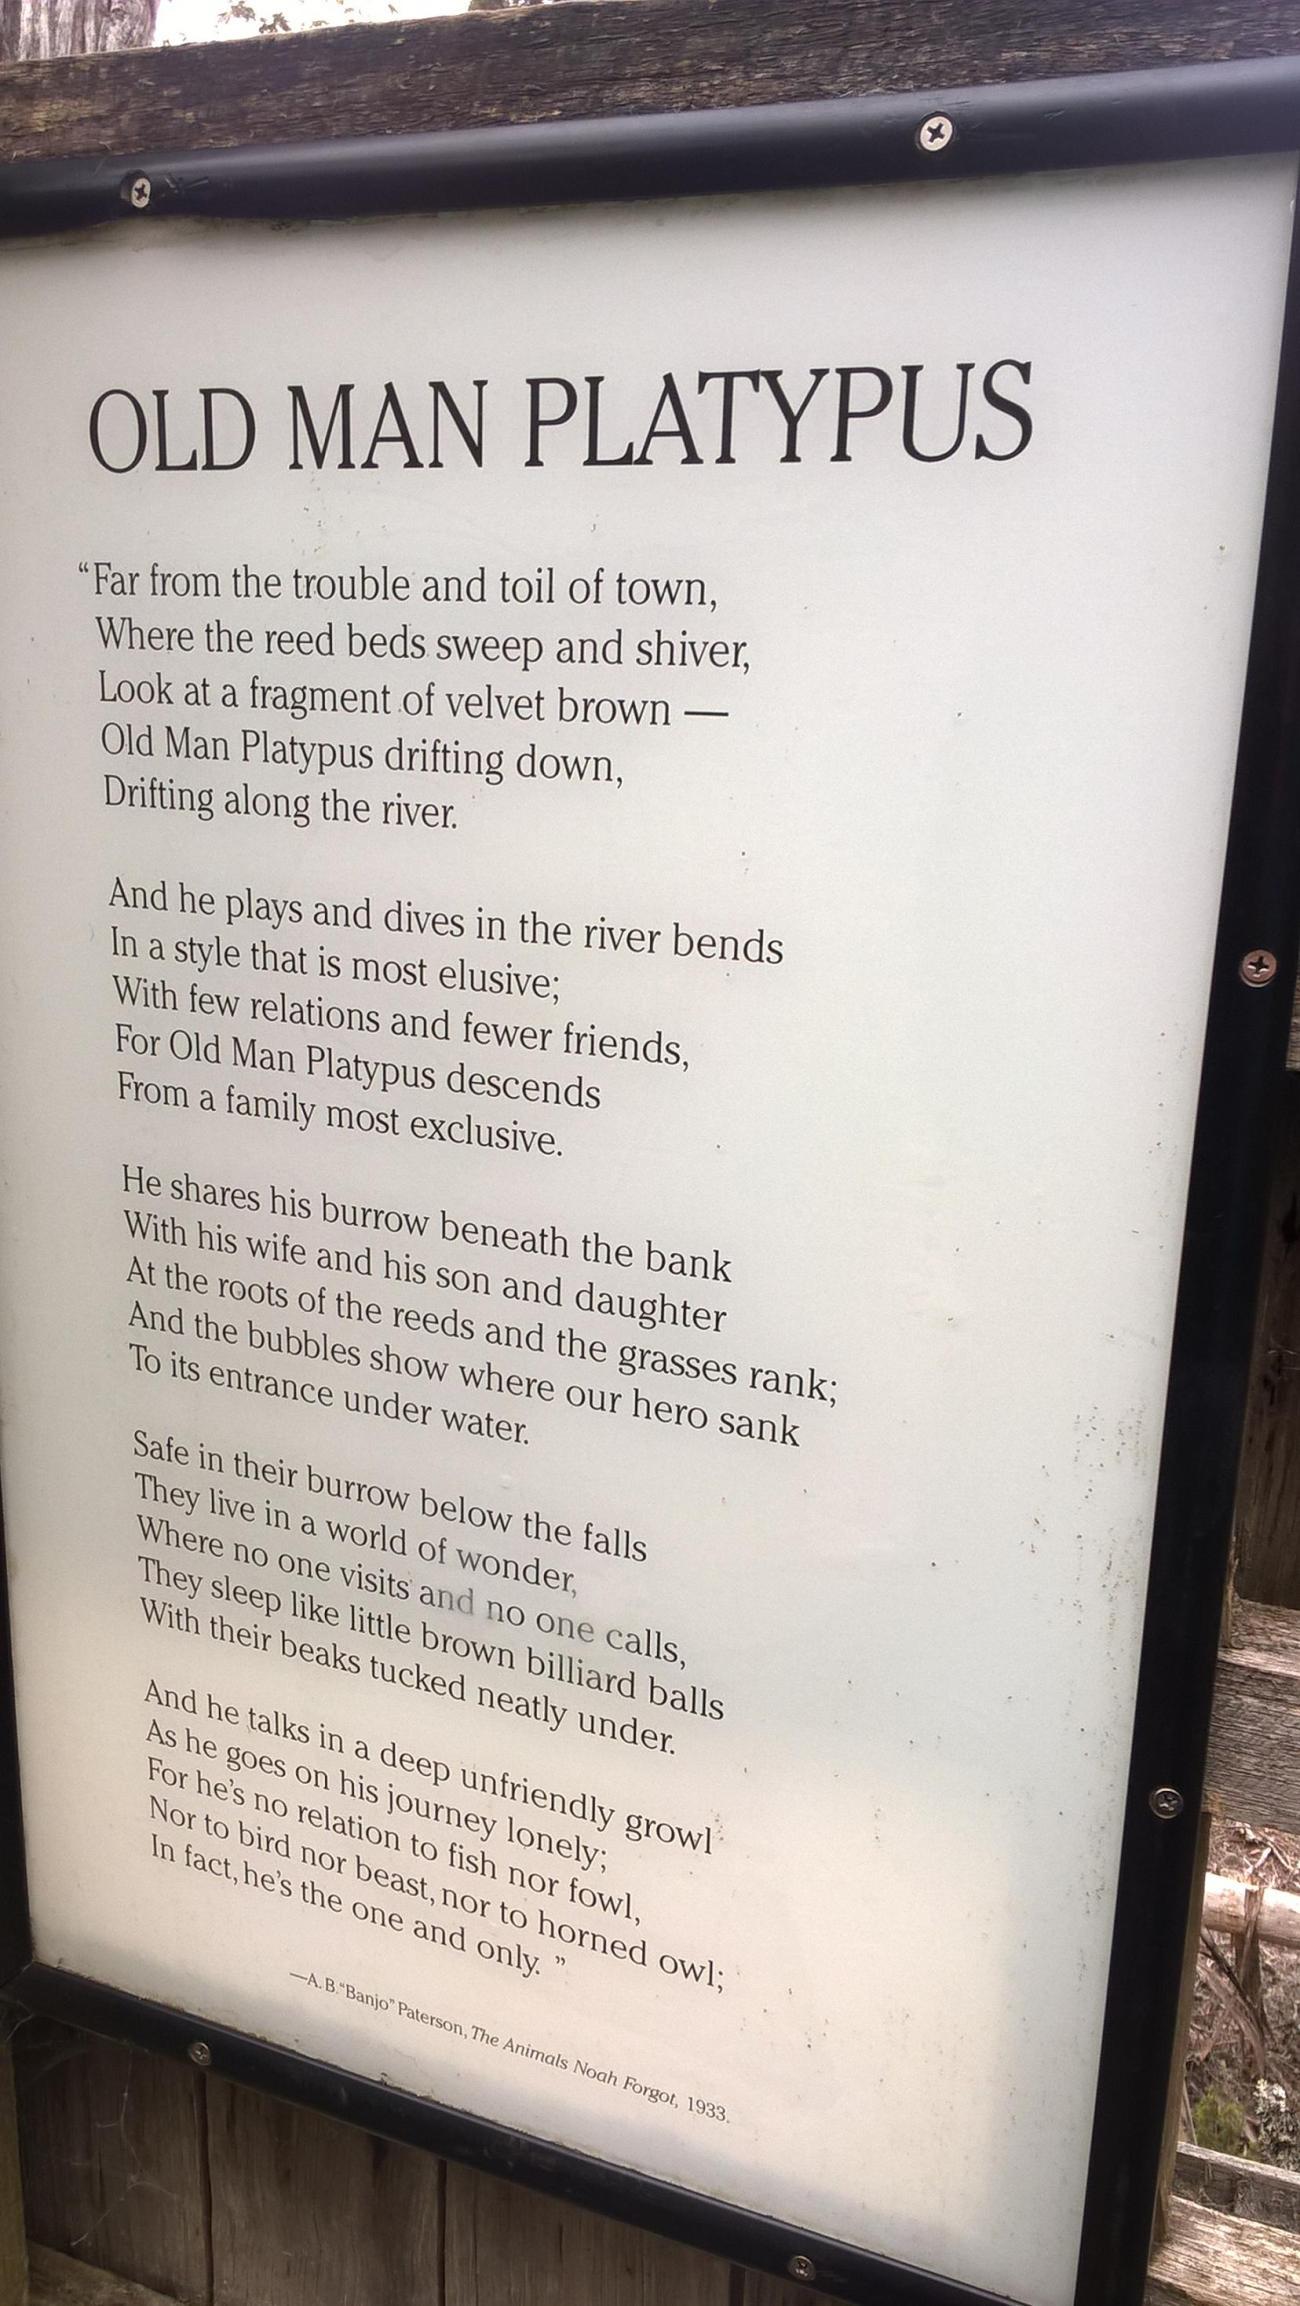 poesia in inglese sull'ornitorinco